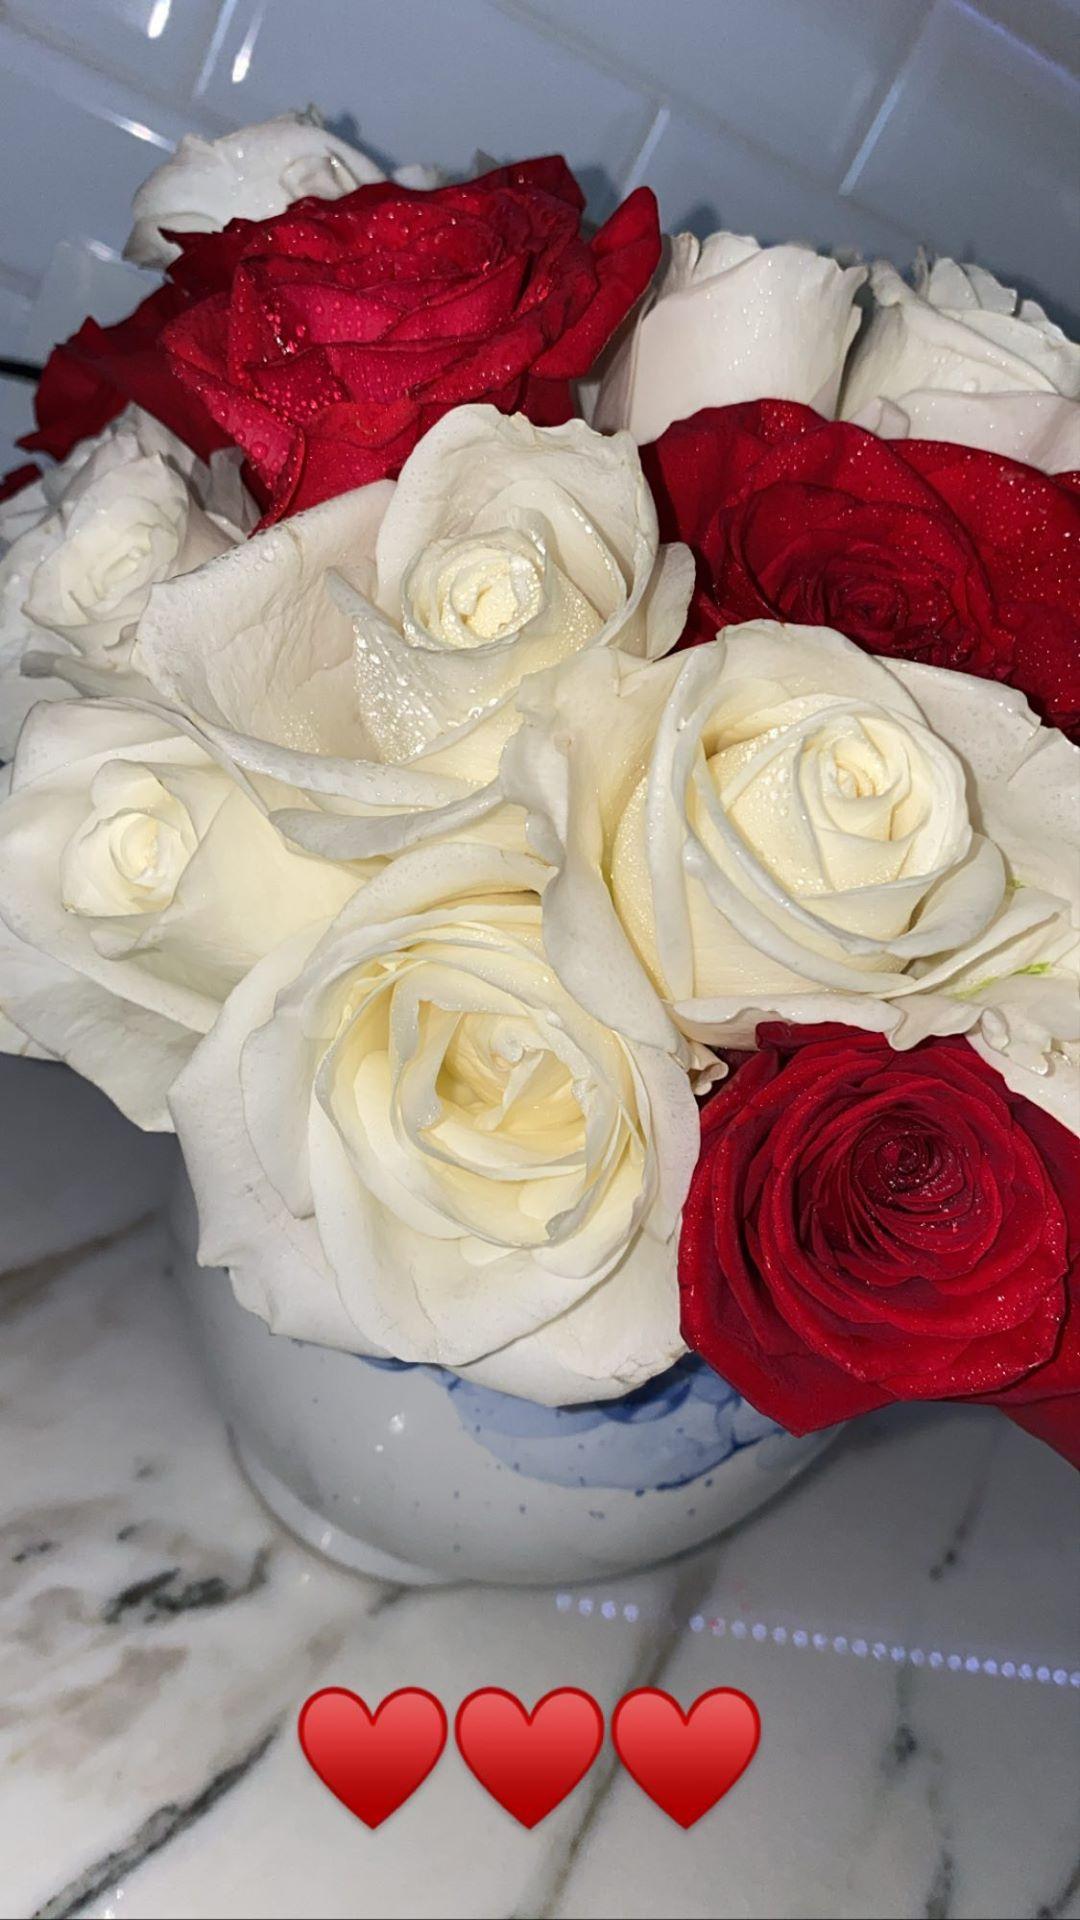 感情甚笃!乔治女友晒乔治送的大捧玫瑰花